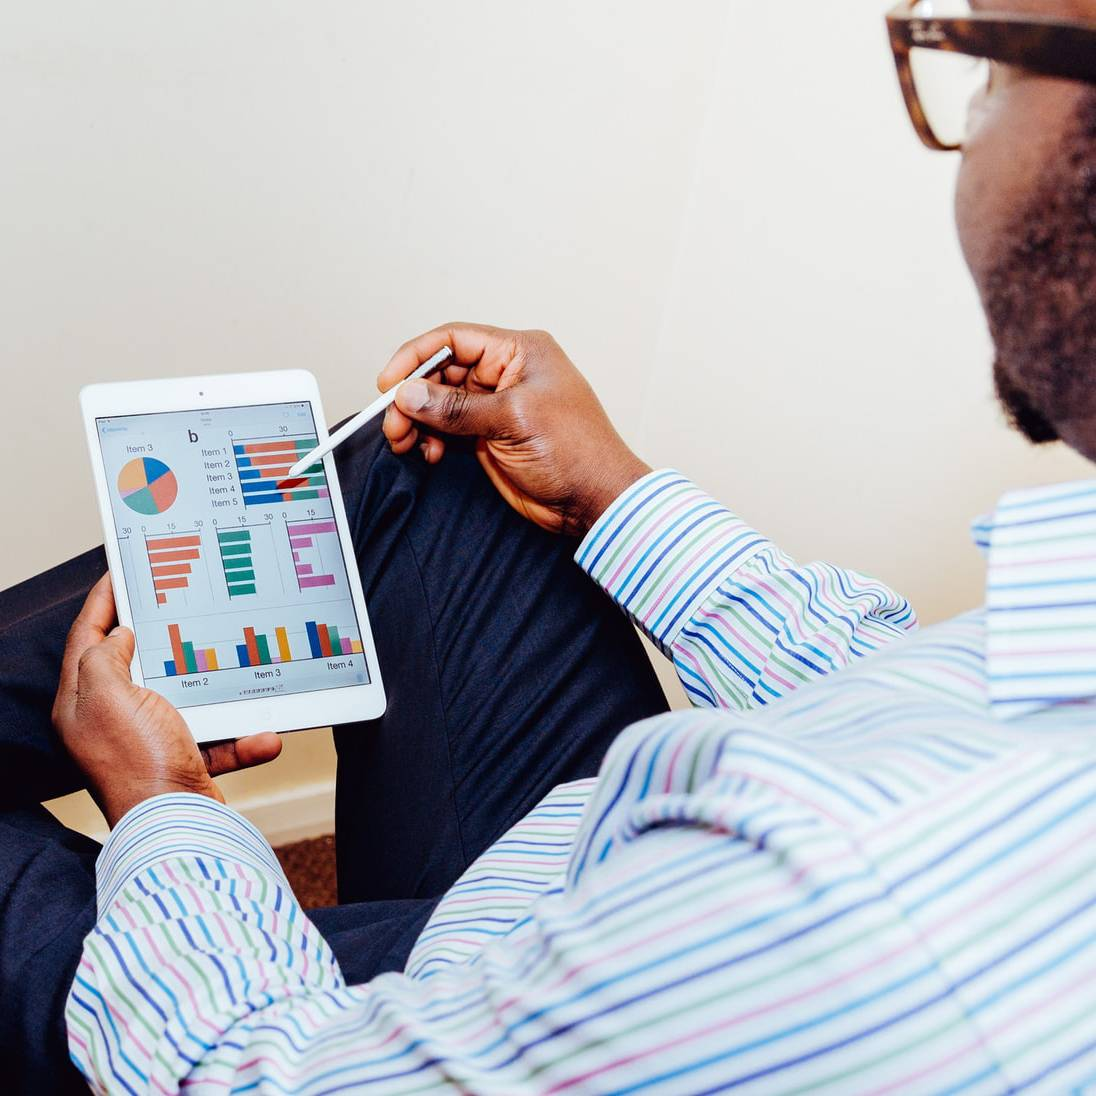 مزیت سرمایه گذاری | فانوس | اپلیکیشن فانوس | مدیریت مالی شخصی | حسابداری مالی شخصی